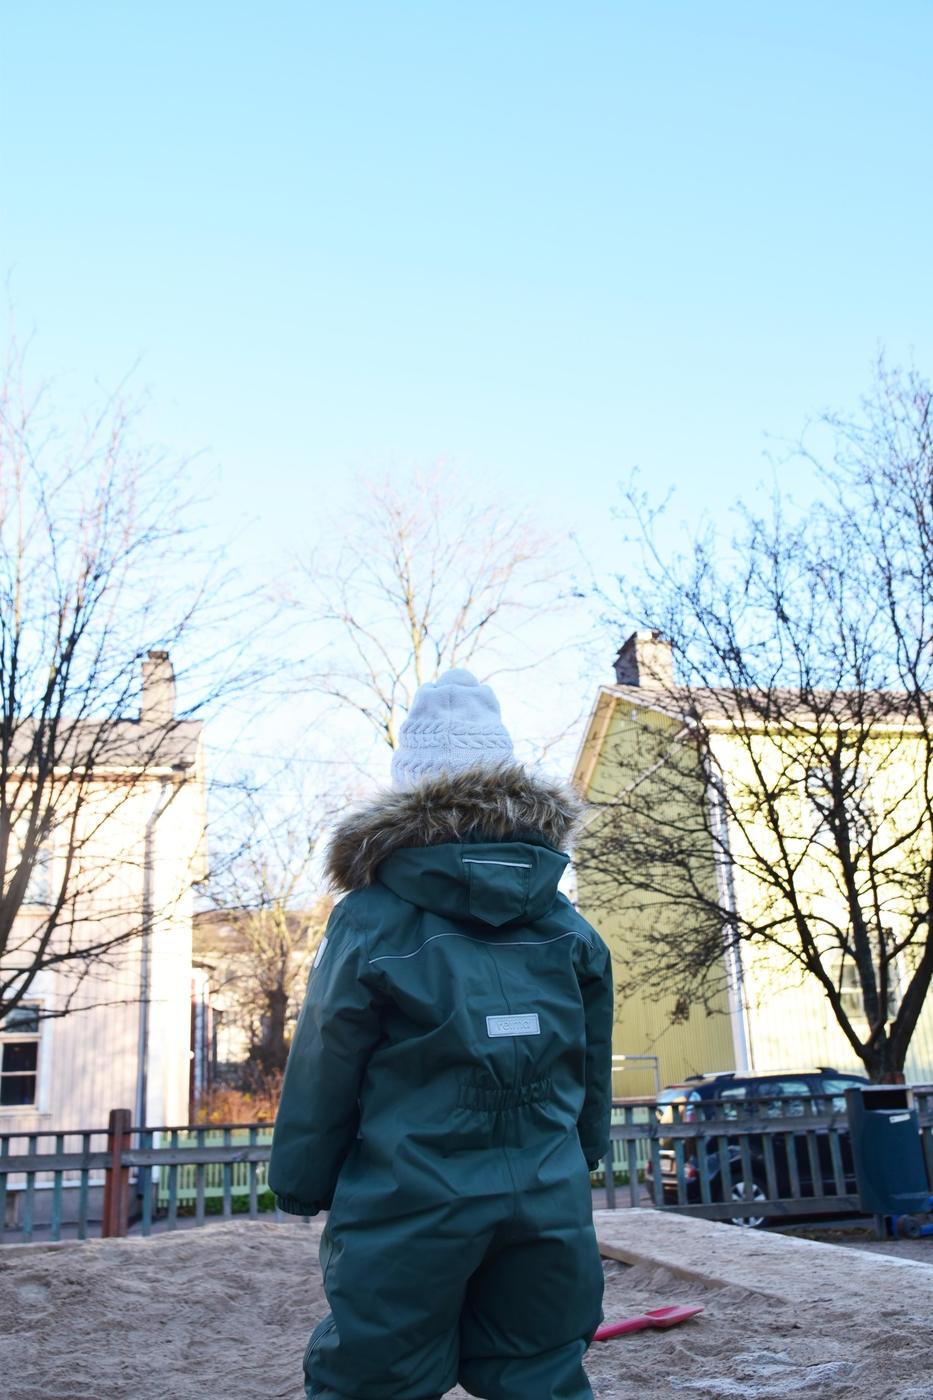 marraskuussa puistossa3.jpg